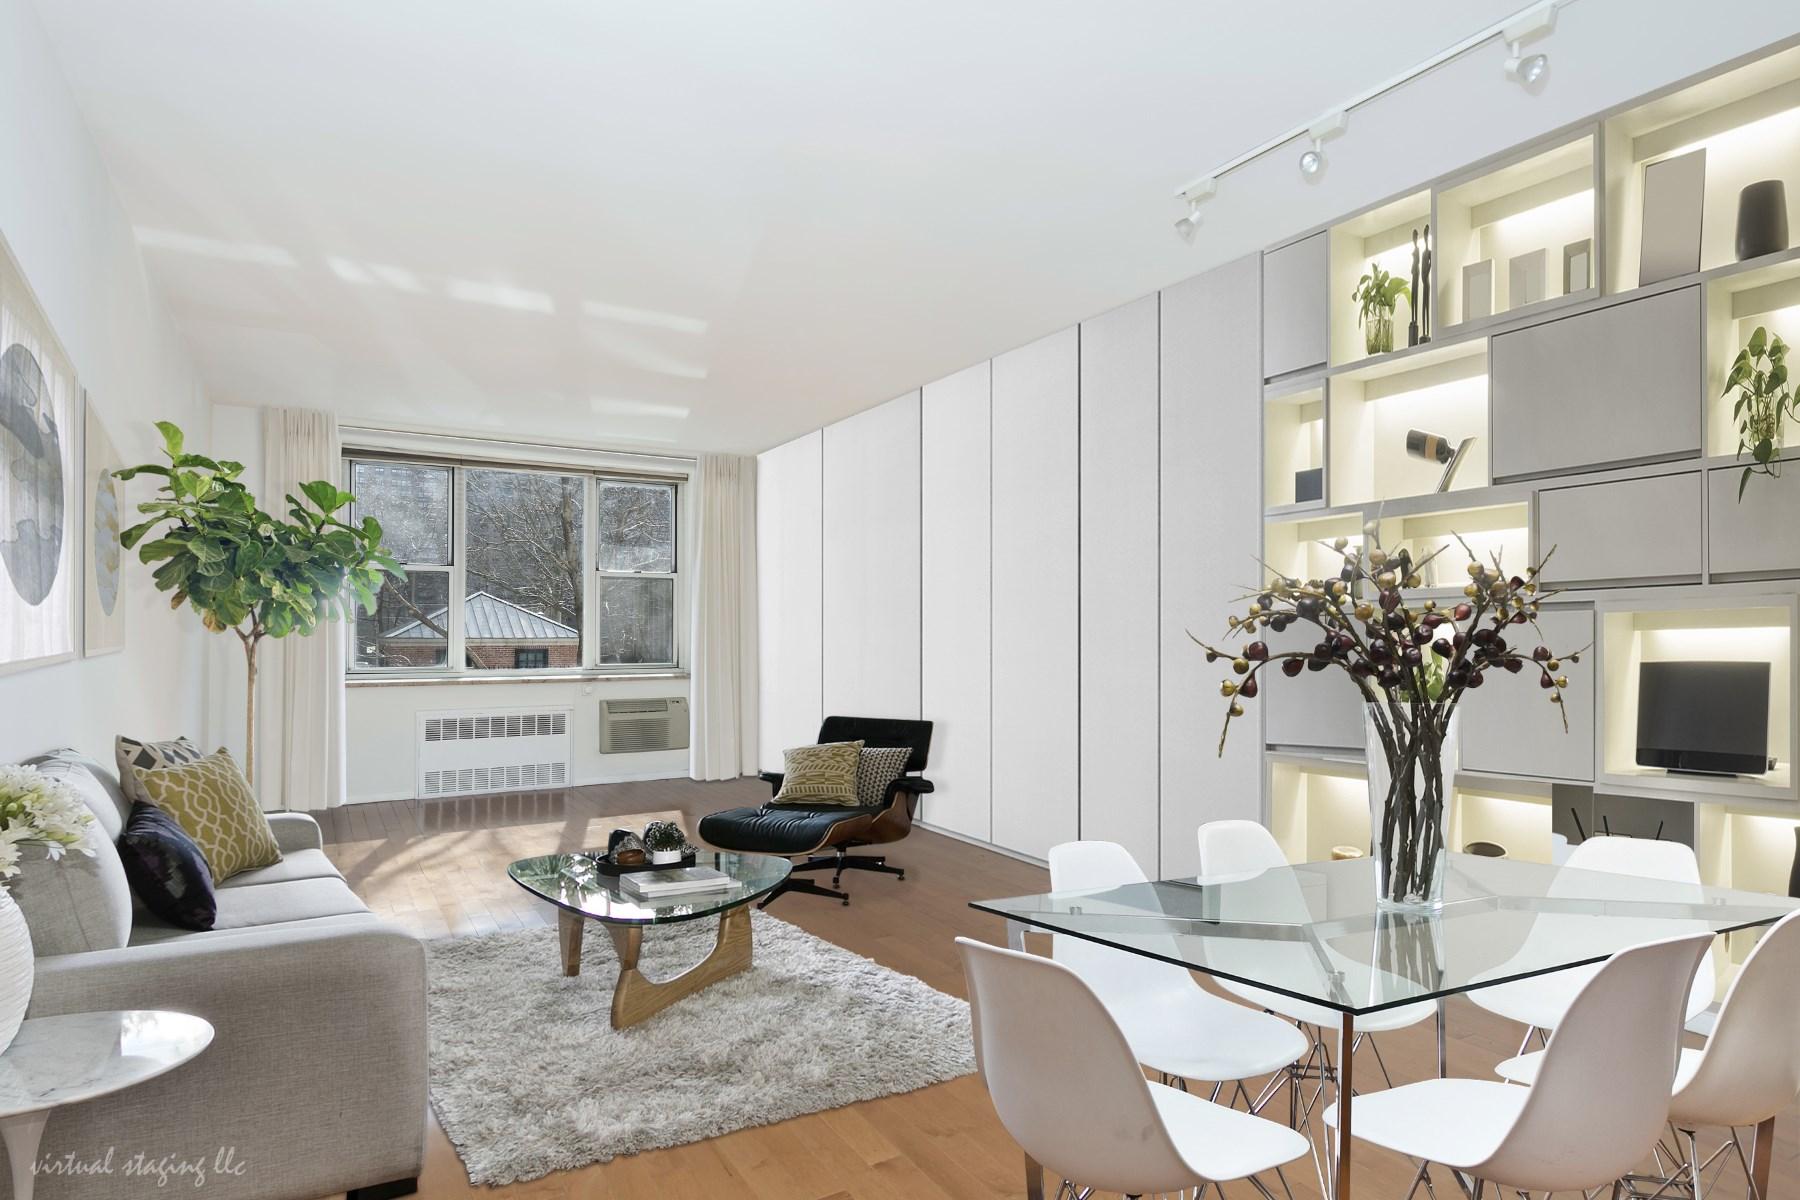 合作公寓 为 销售 在 235 West 70th Street 235 West 70th Street Apt 1F 纽约, 纽约州, 10023 美国